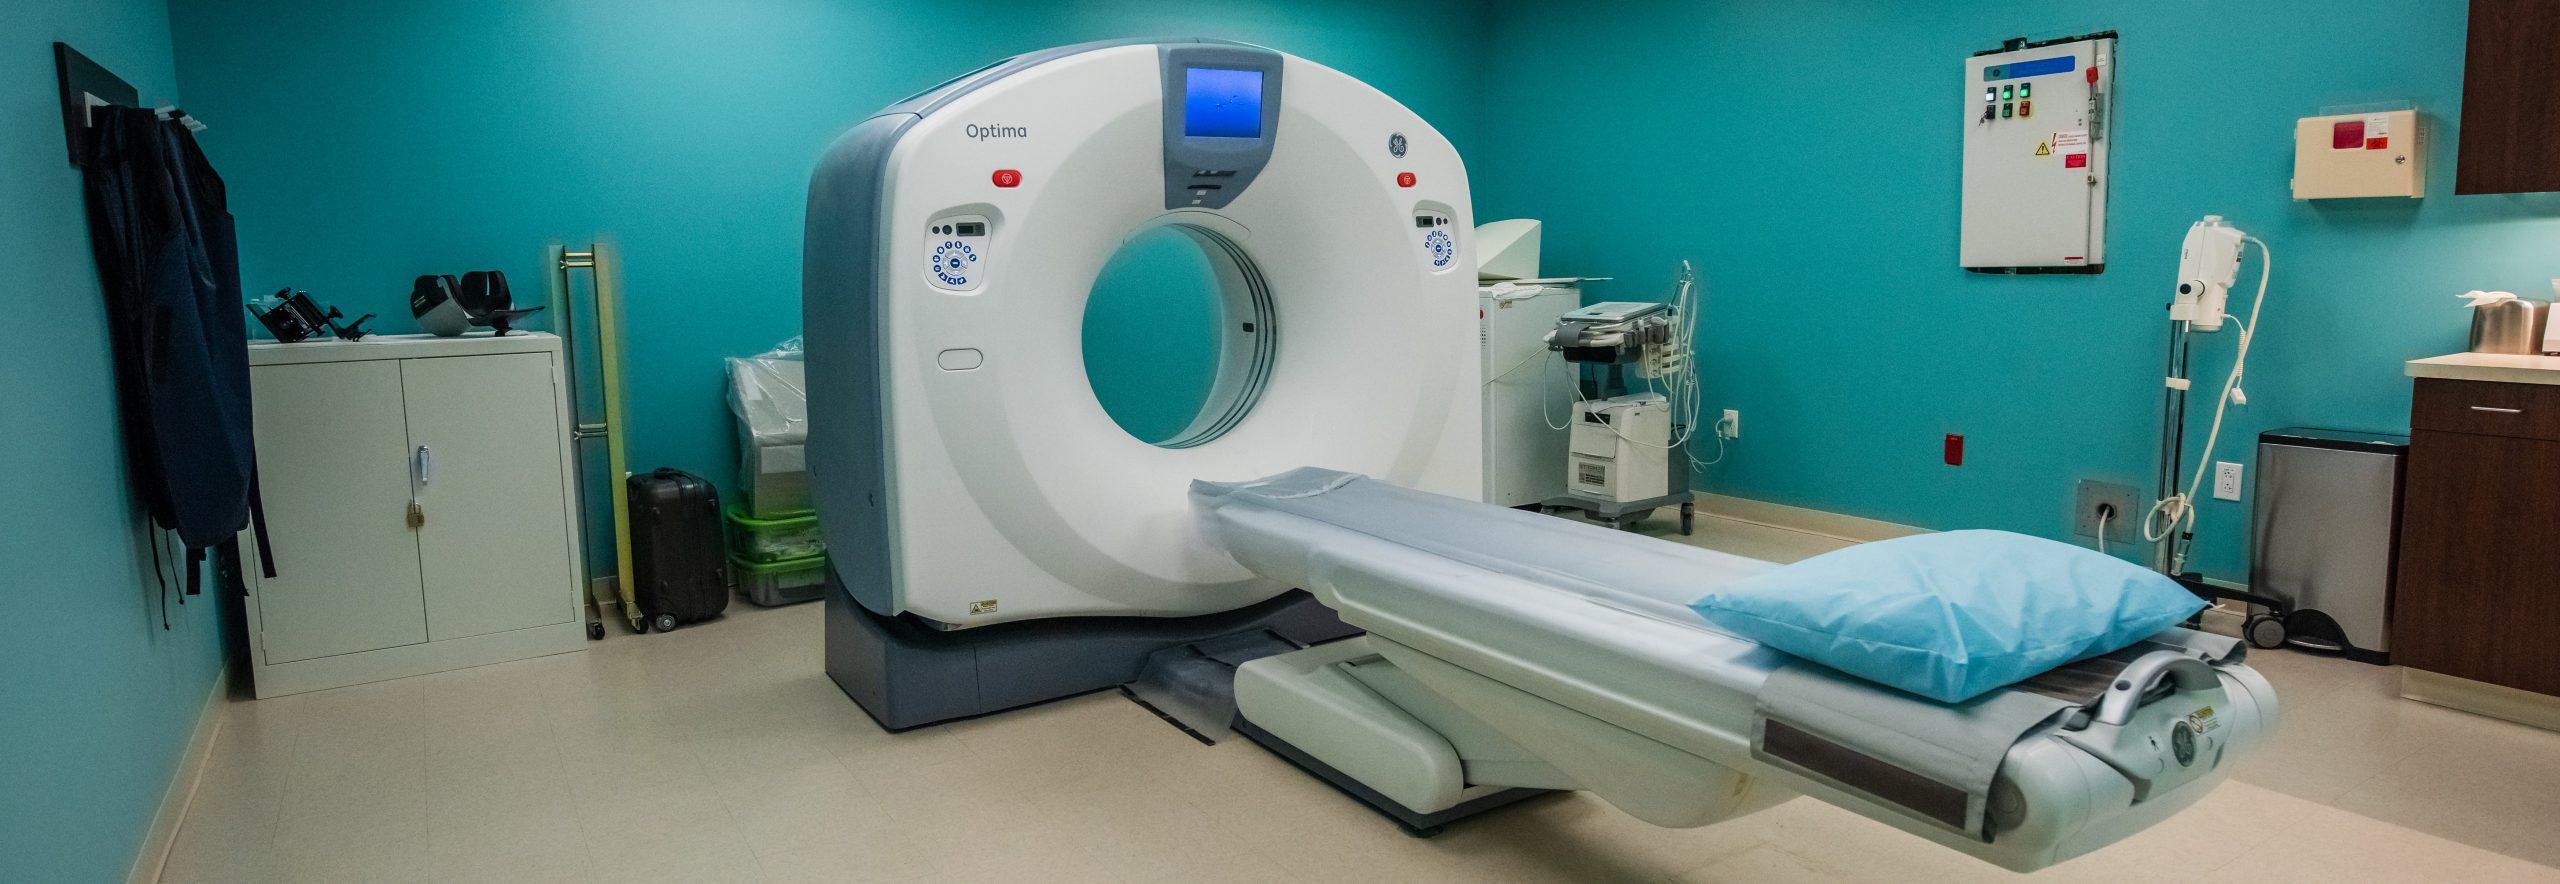 imaging-machine-white